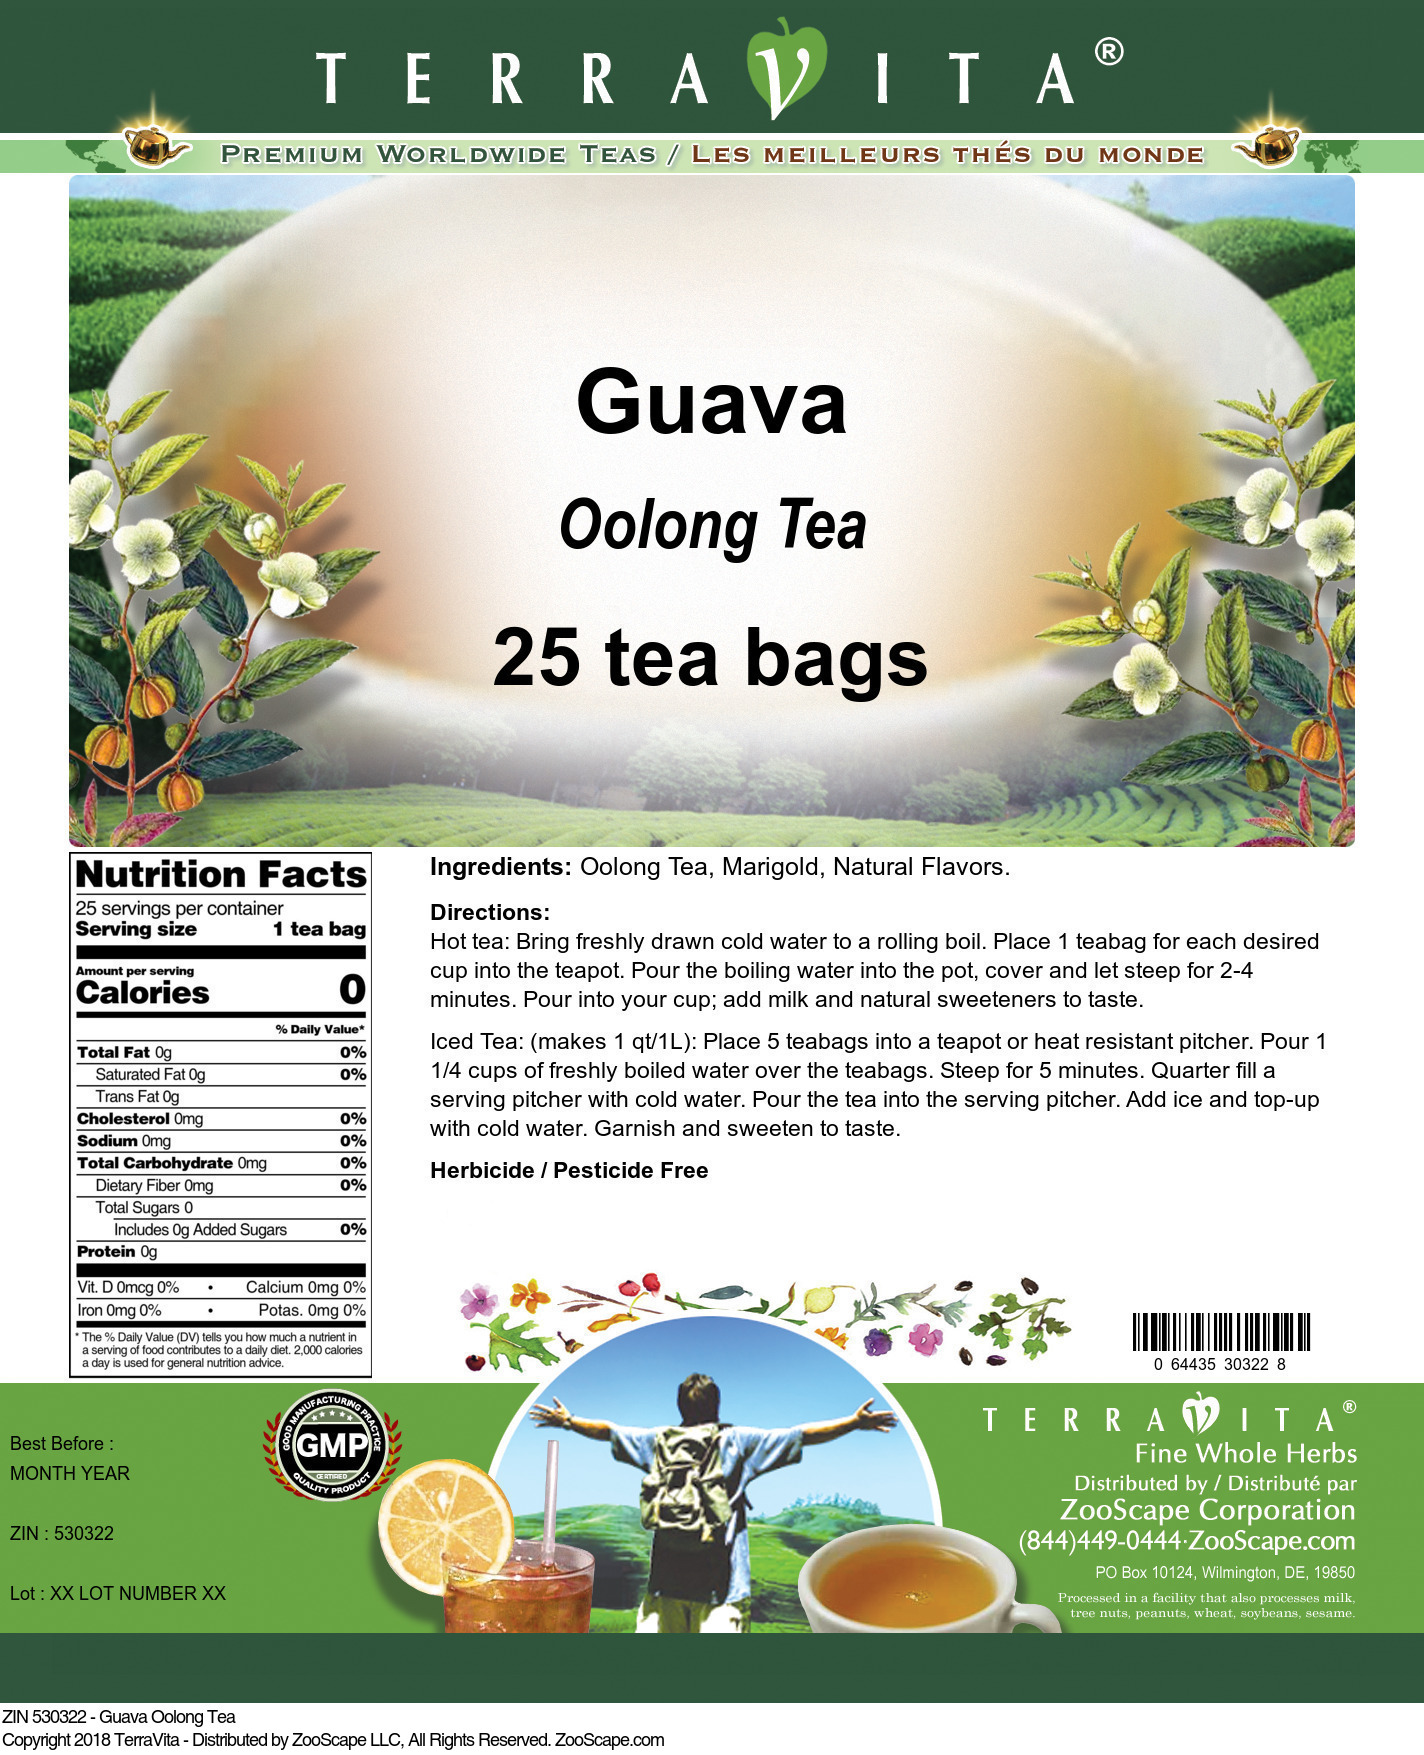 Guava Oolong Tea